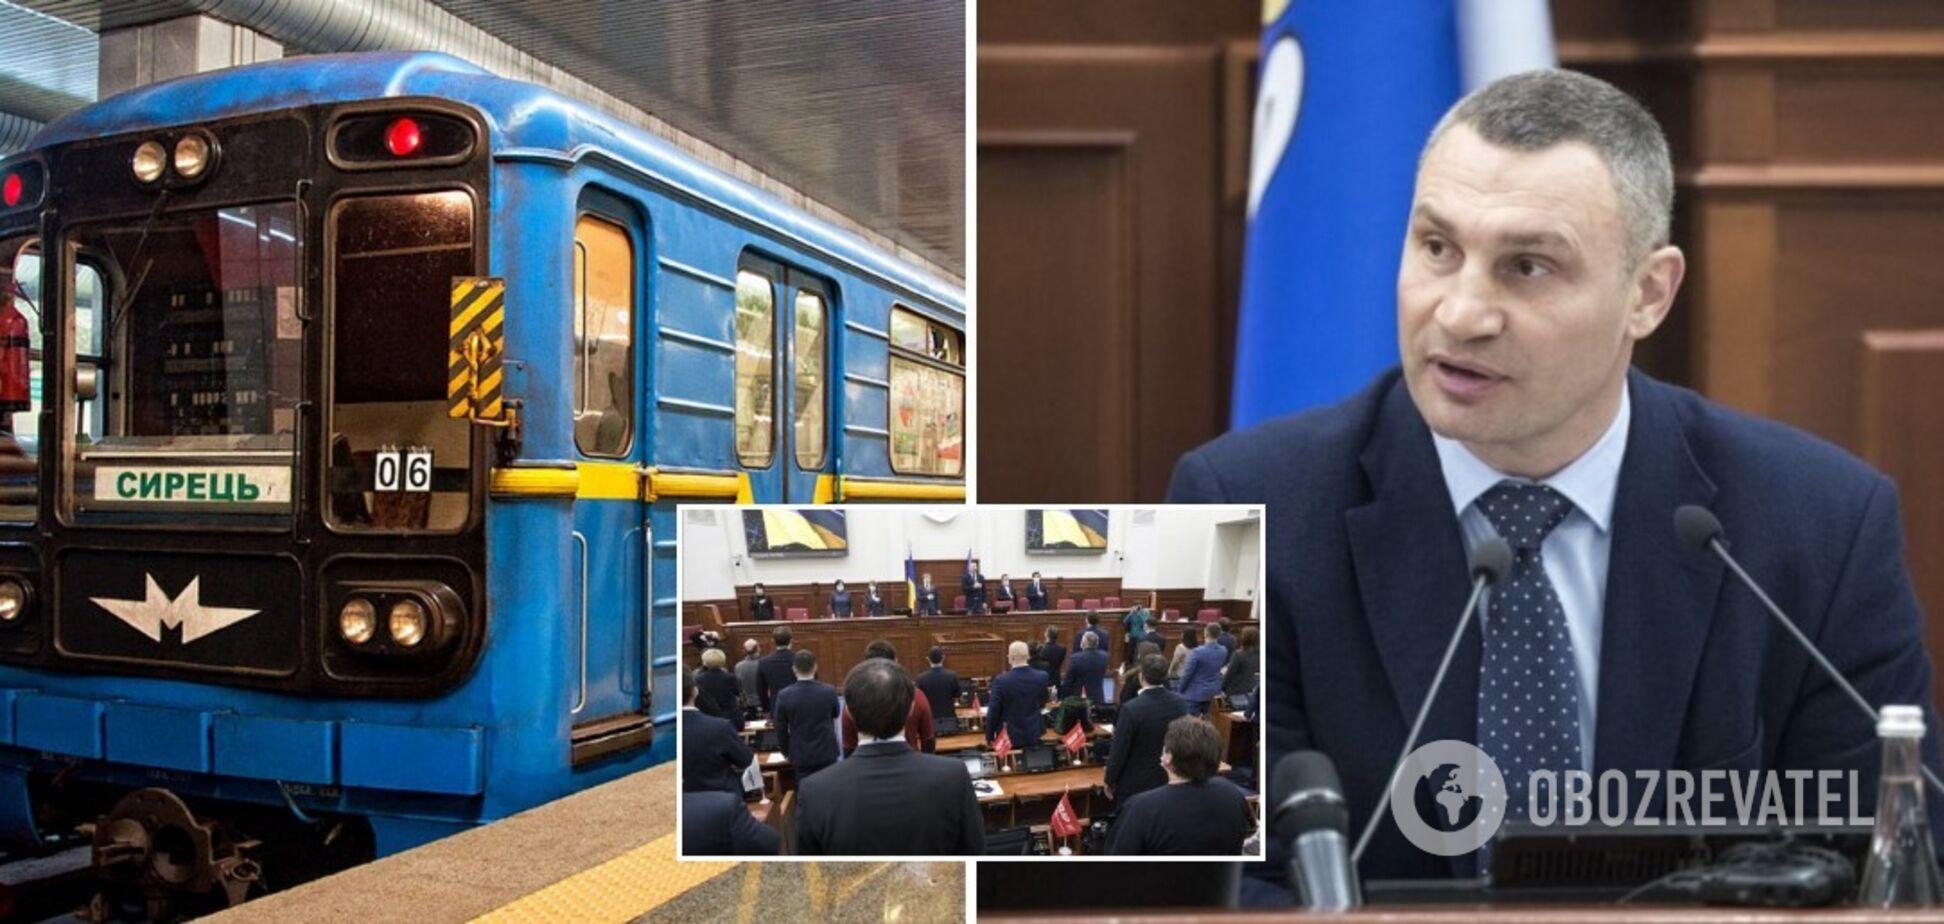 Кличко розповів про намір отримати нові вагони для київського метро